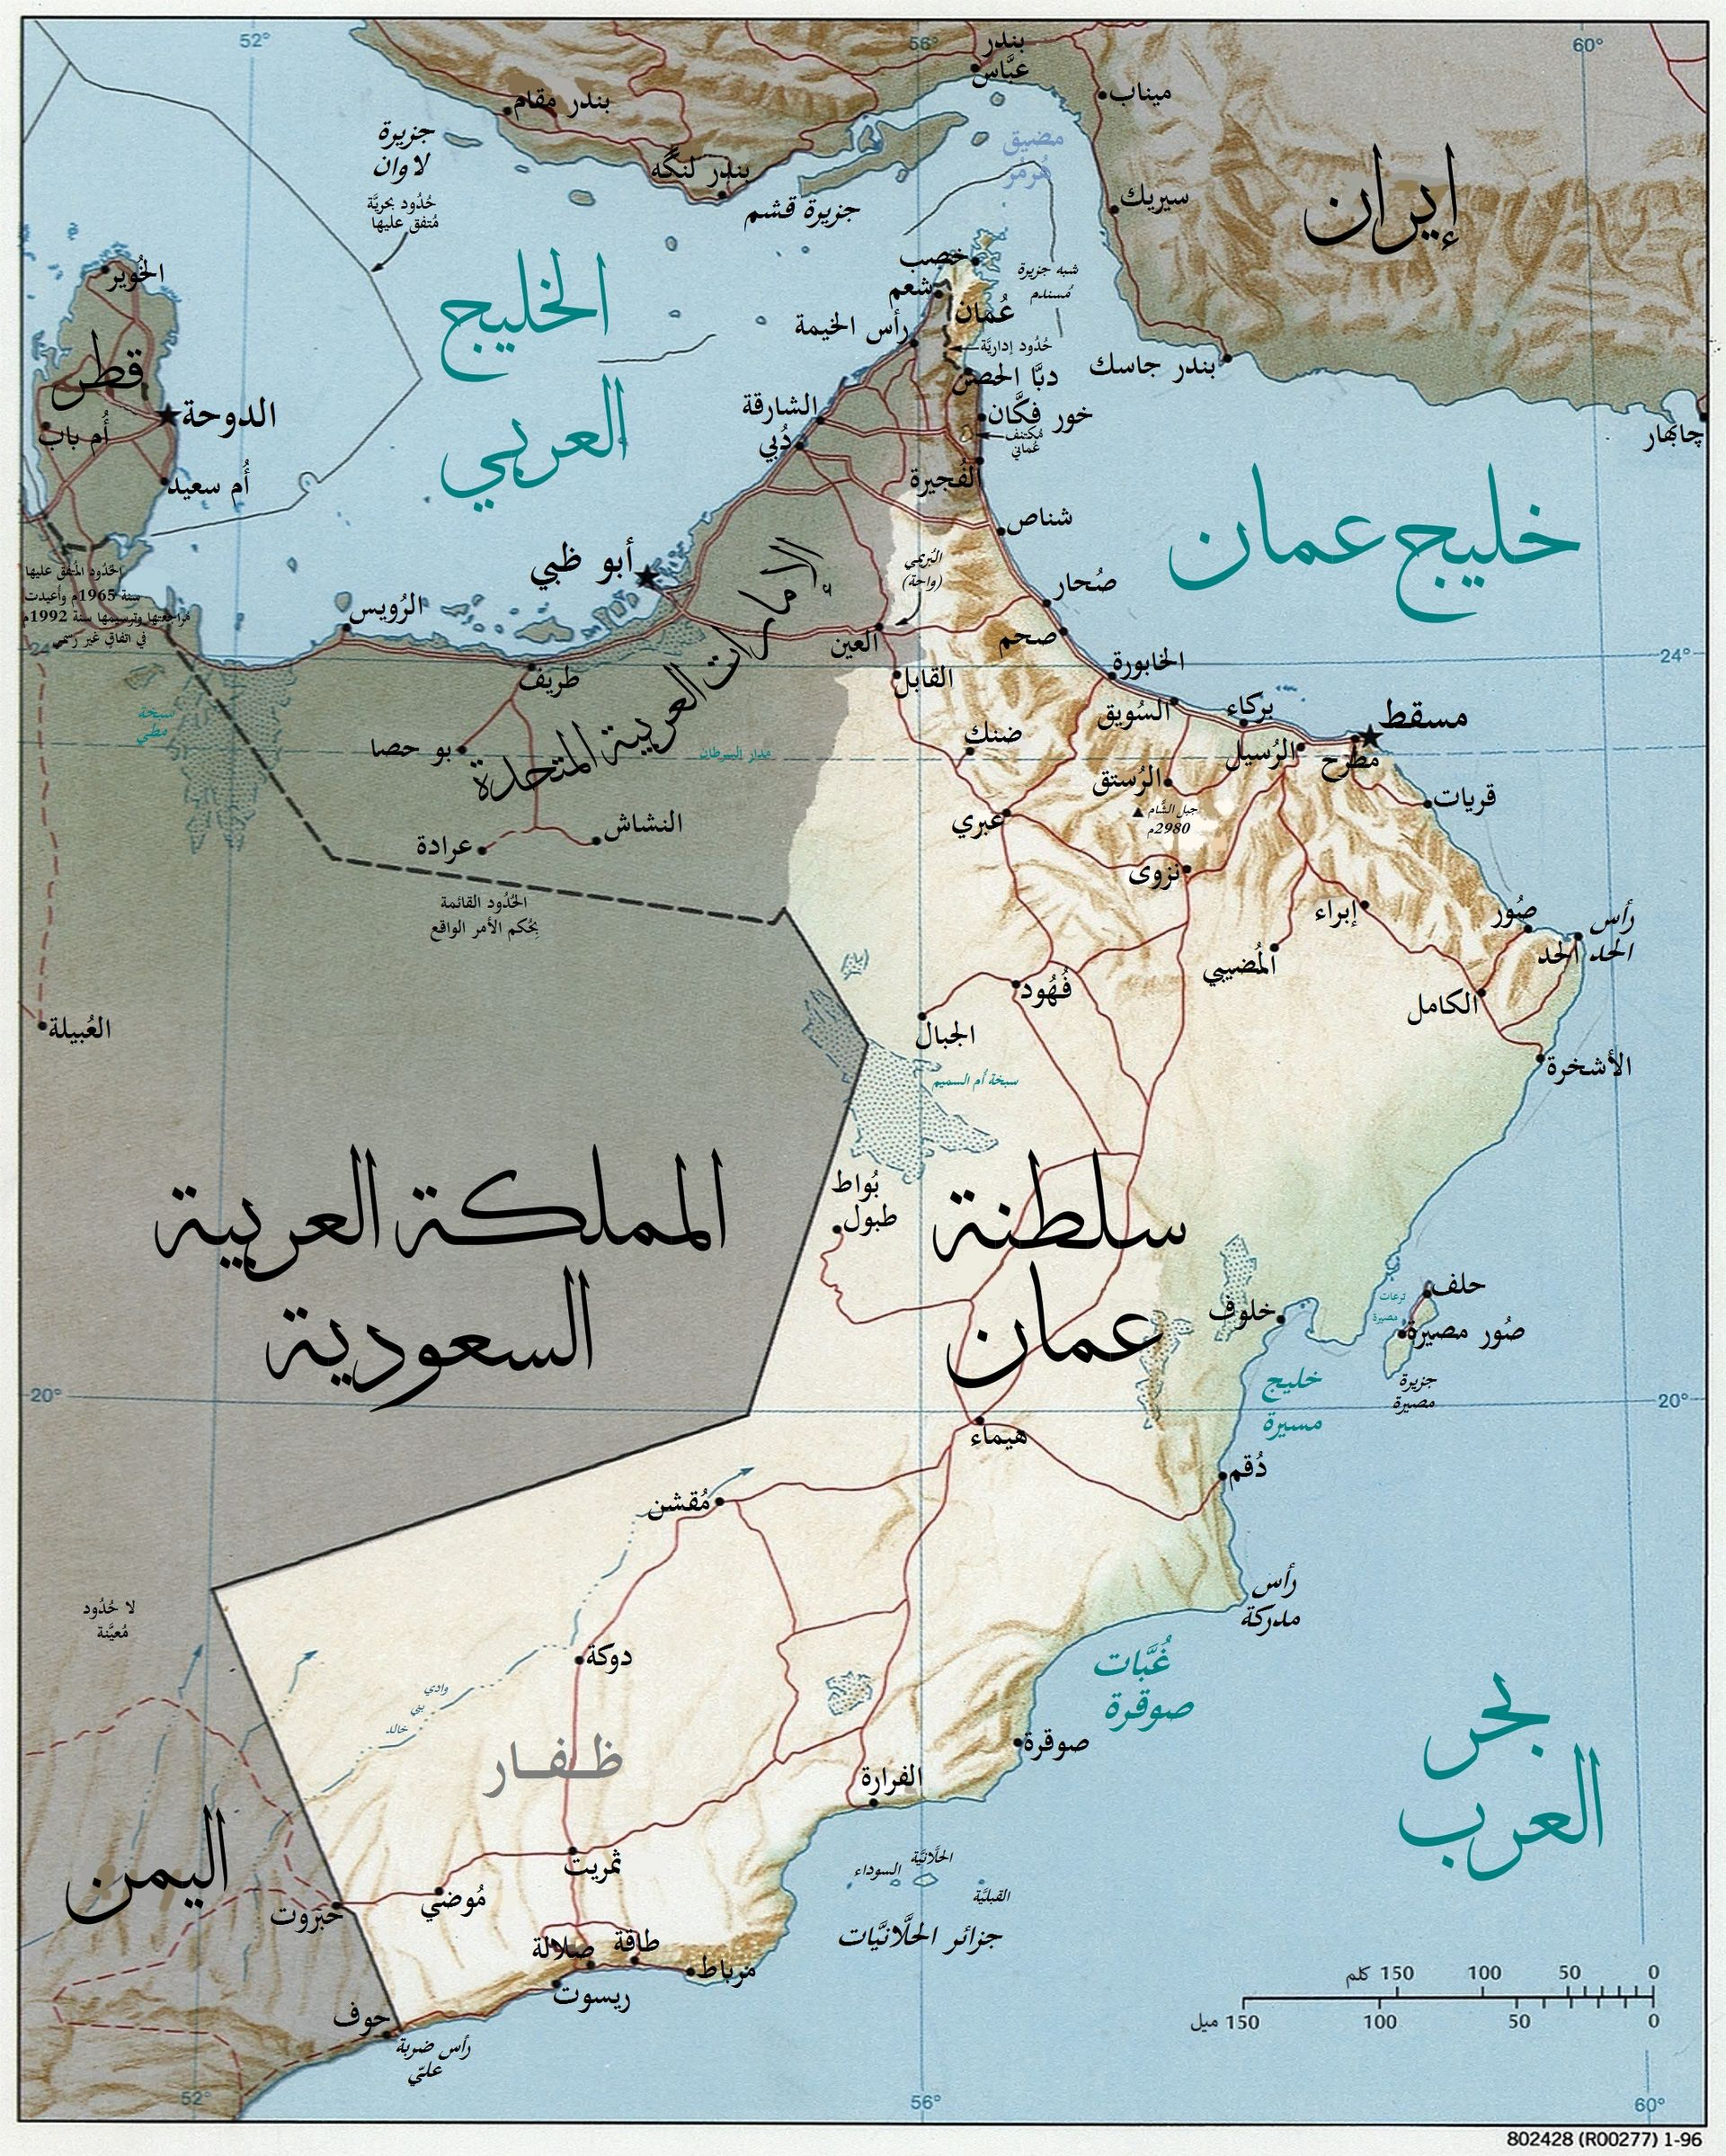 كتاب قصص العرب ويكيبيديا